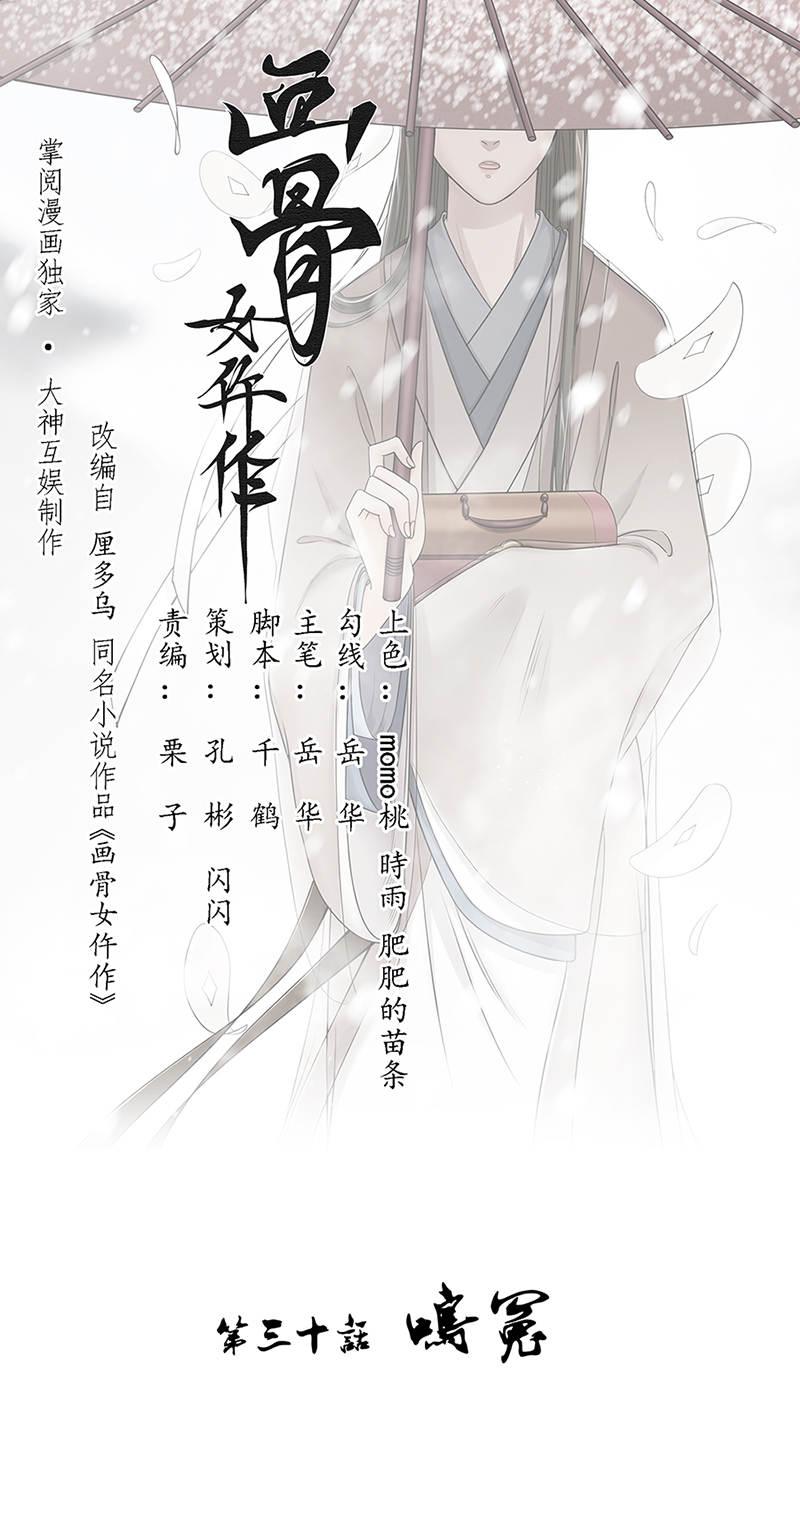 画骨女仵作第33话  鸣冤 第 1